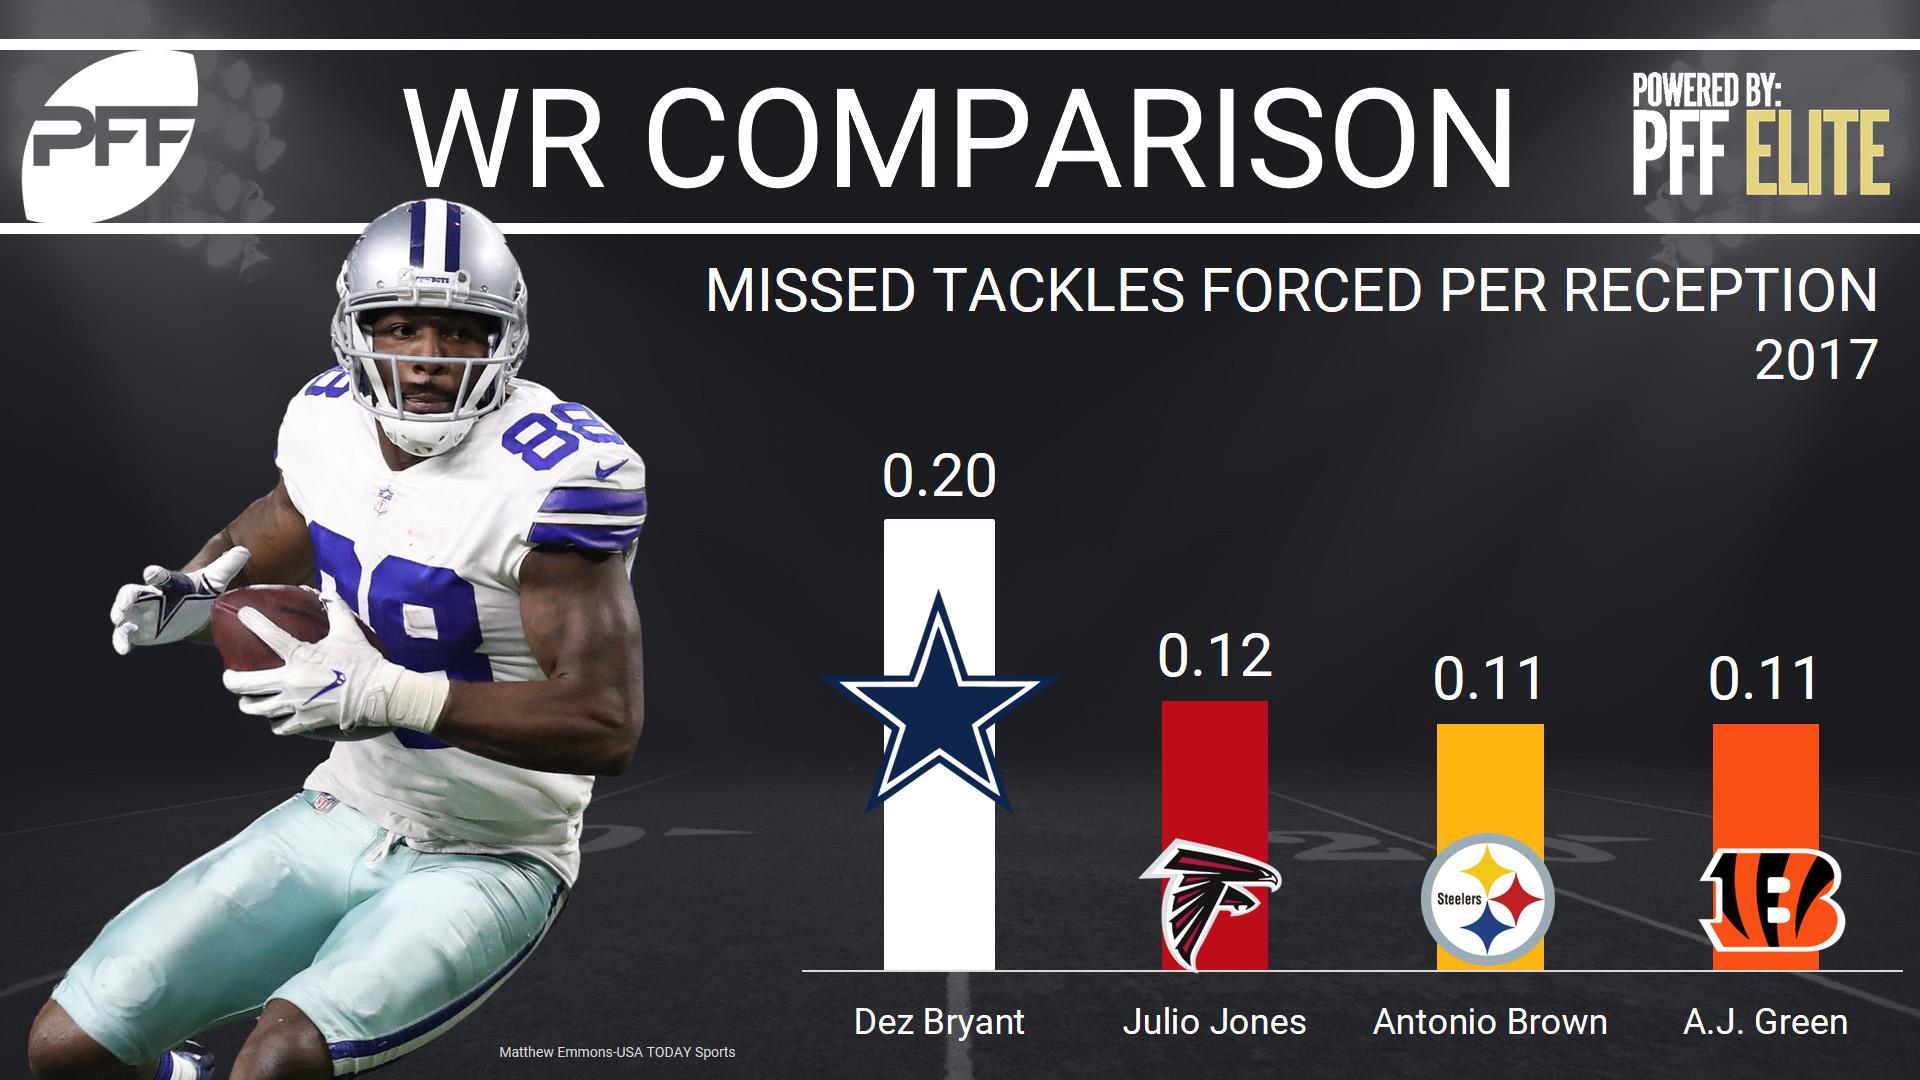 Dallas Cowboys WR Dez Bryant